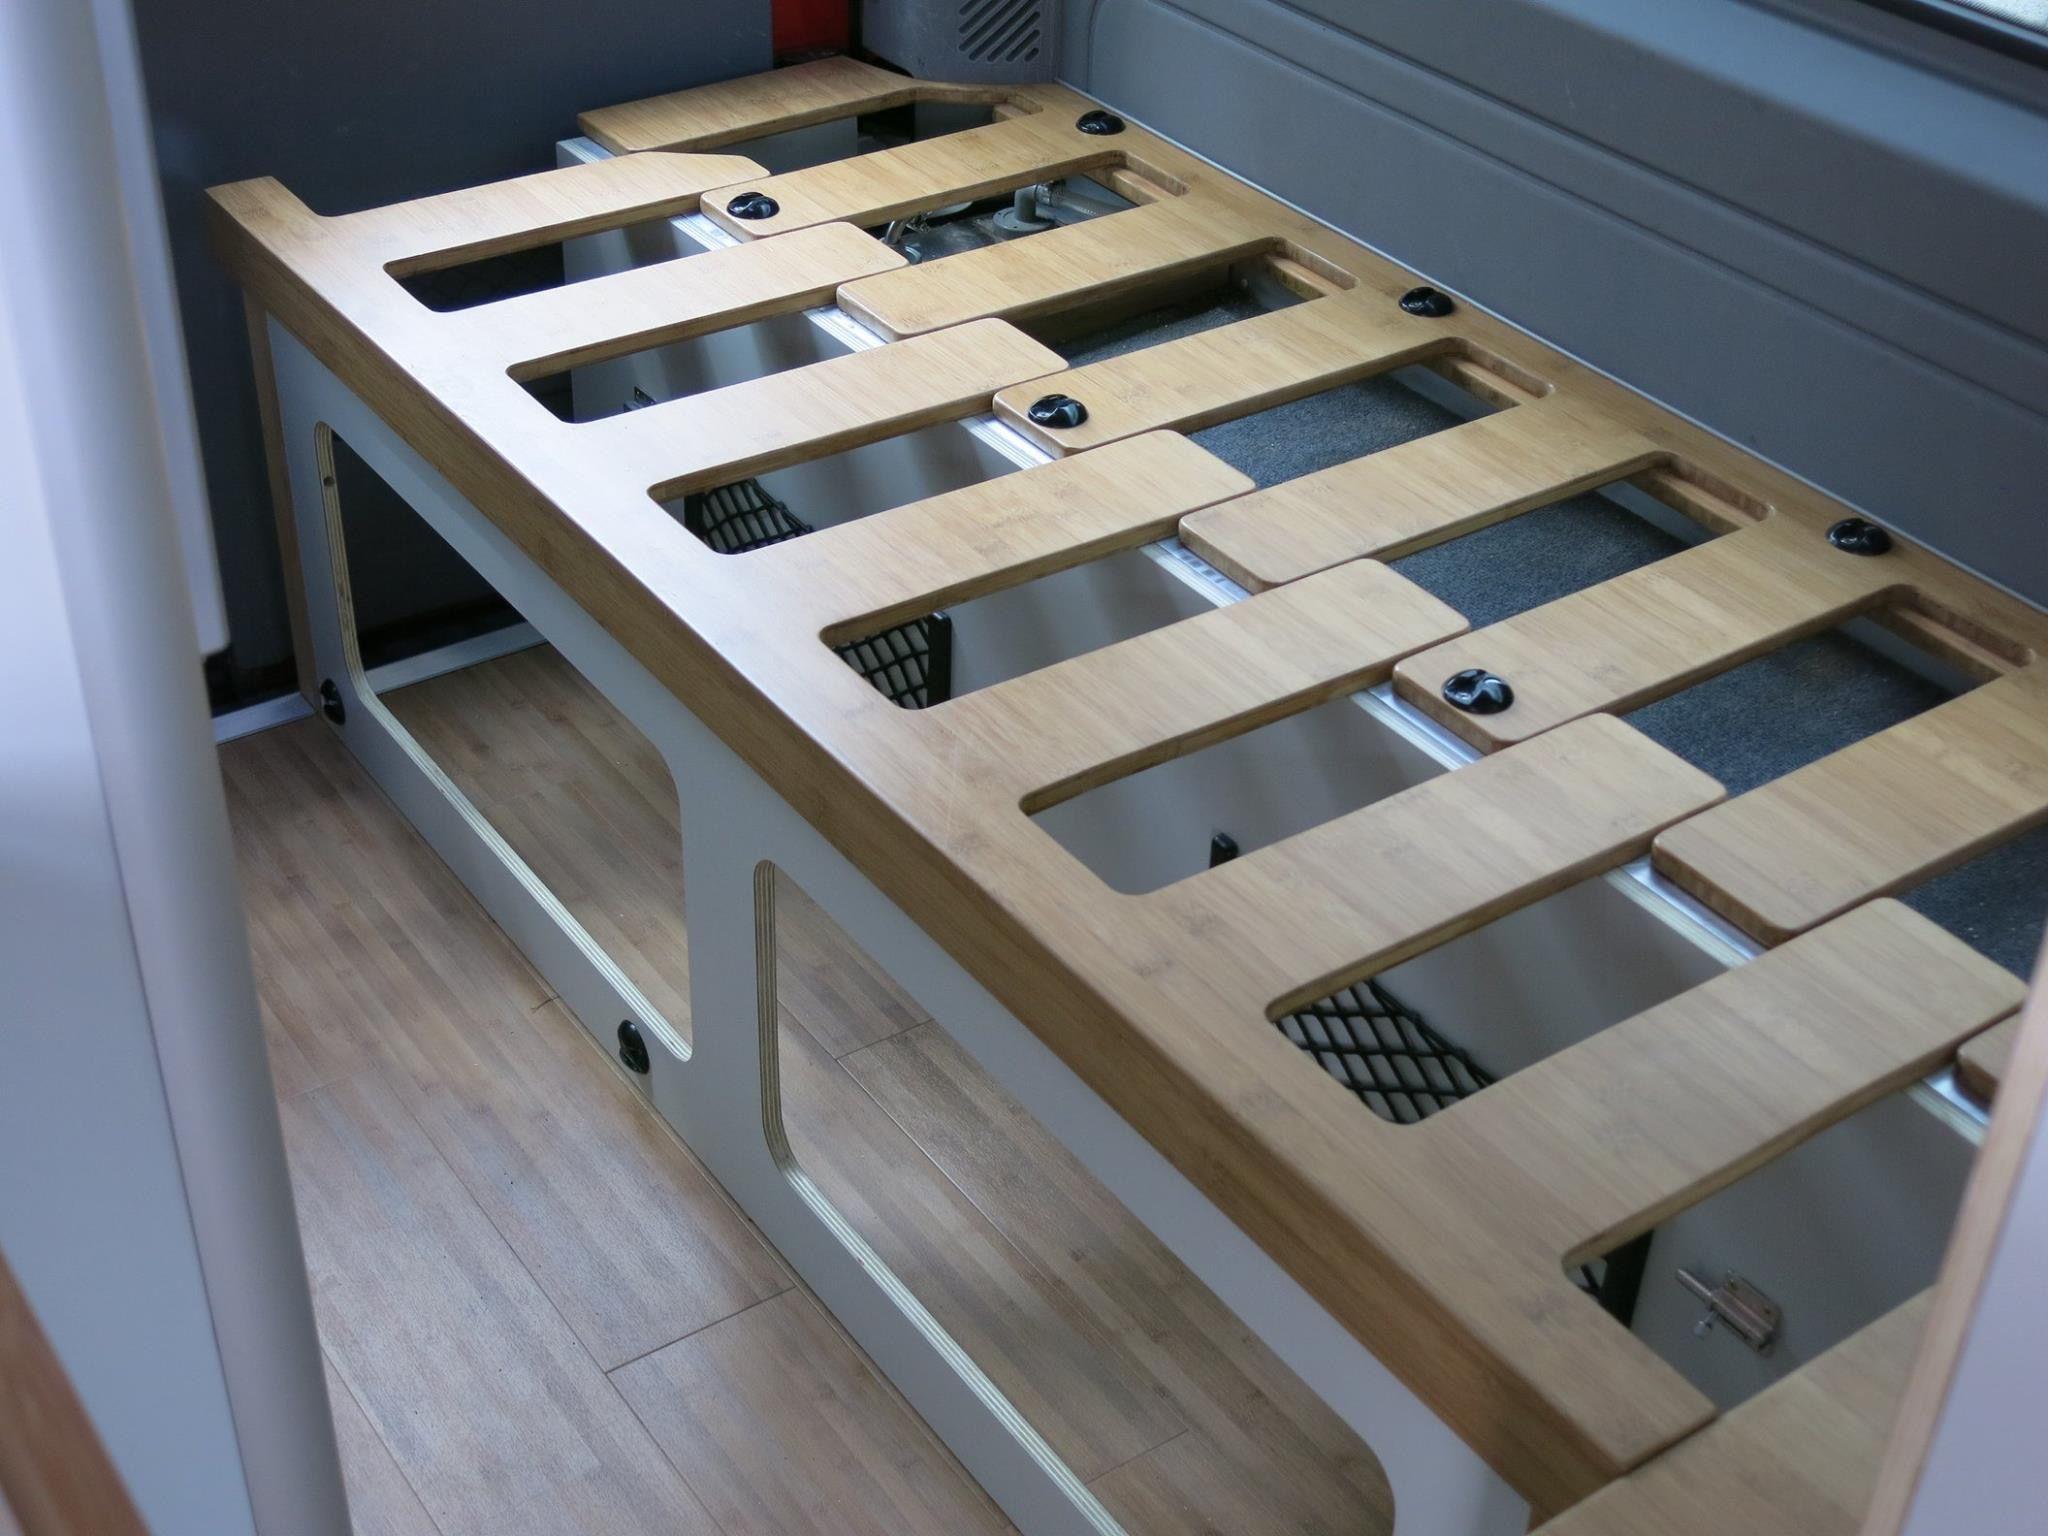 Bett Ausziehbar Innenverkleidung Kastenwagen In Wohnmobil Umbau